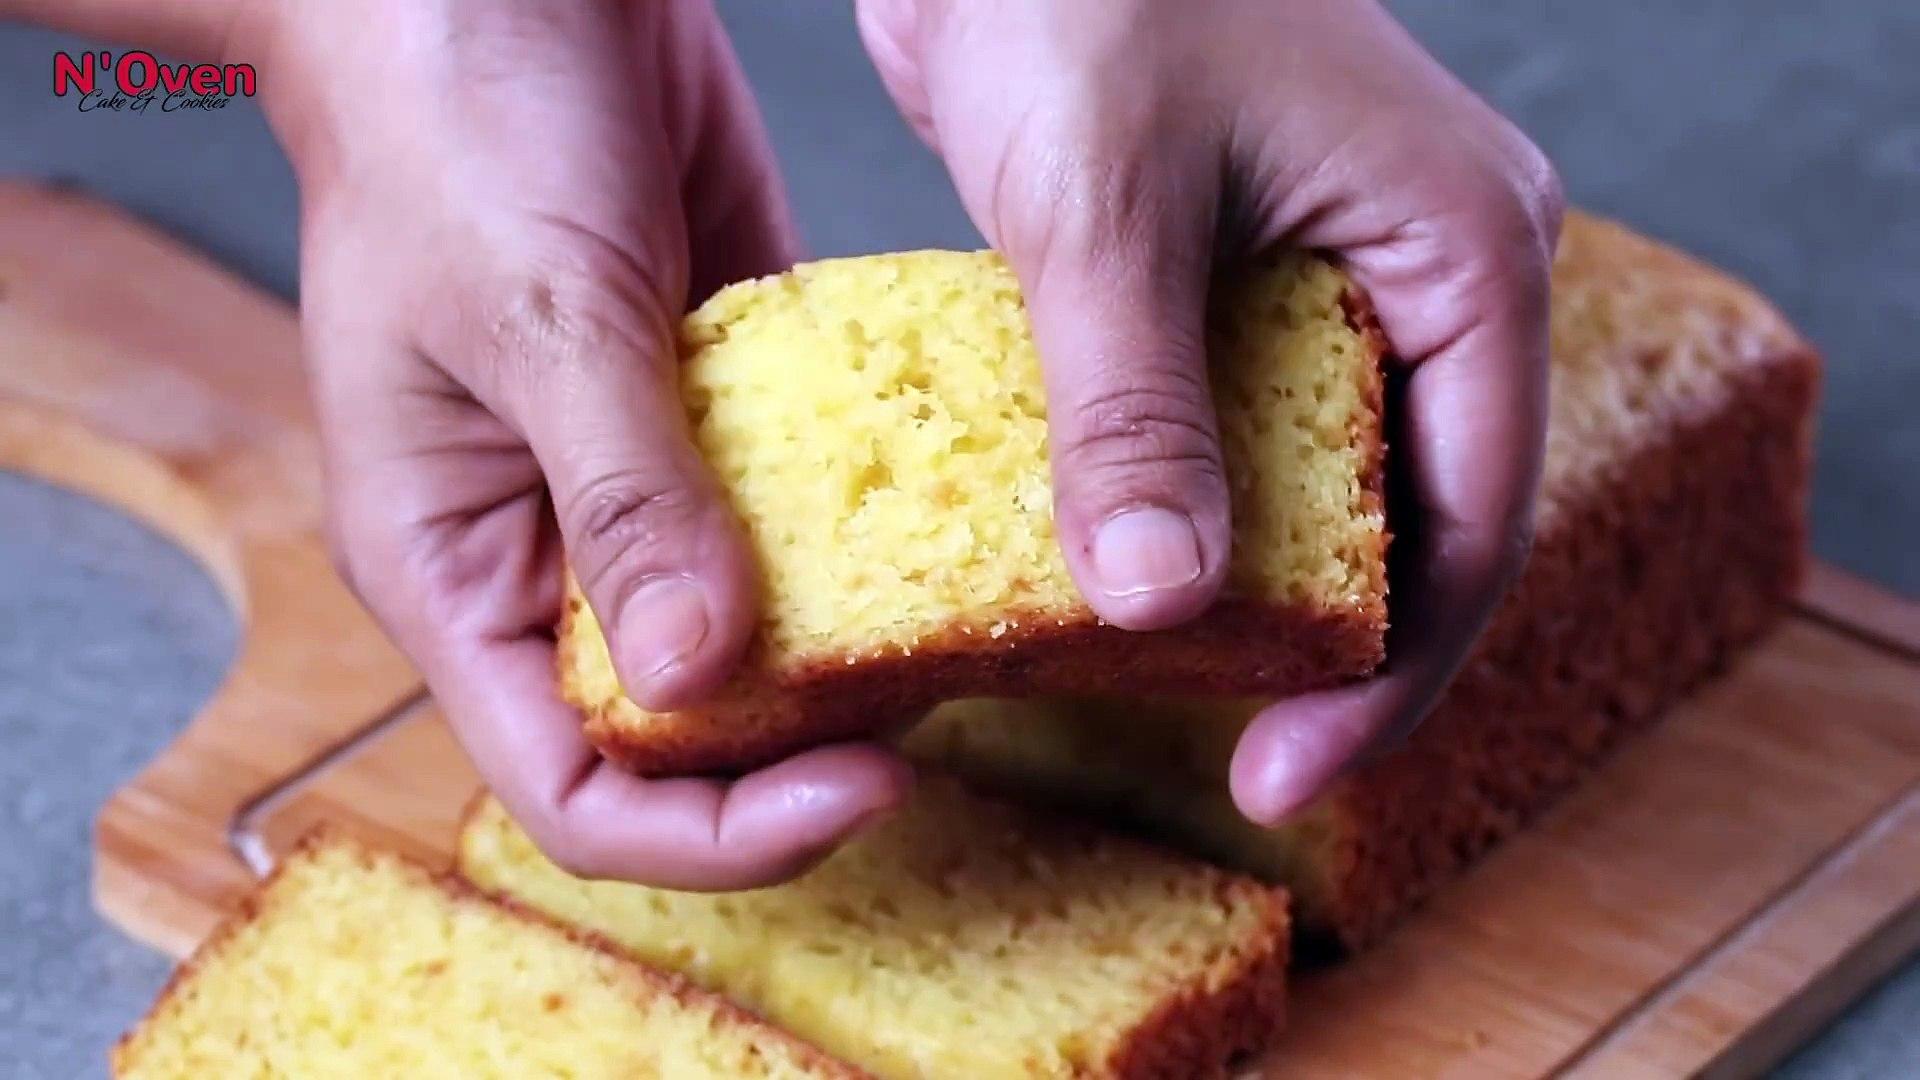 Lemon Cake Recipe - Lemon Pound Cake - Eggless & Without Oven - Lemon Tea Cake - Lemon Loaf Cake